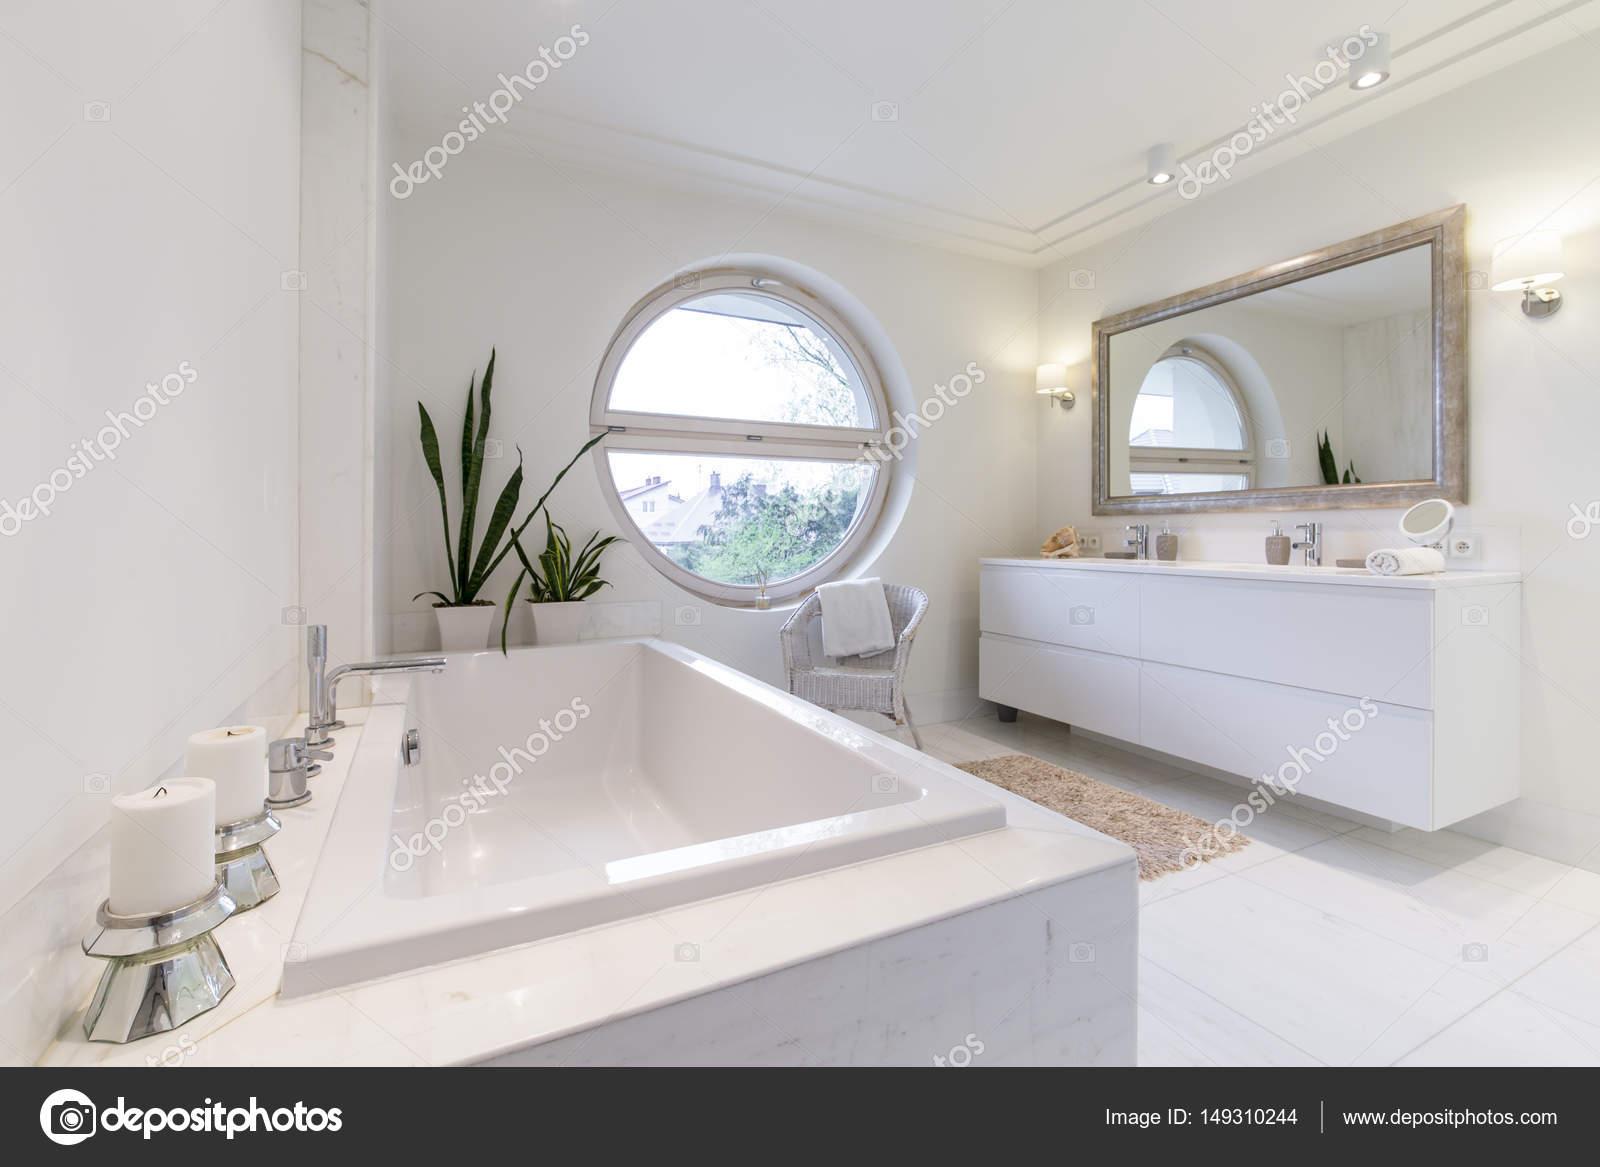 Minimalistyczne Białe łazienka Z Oknem Circulal Zdjęcie